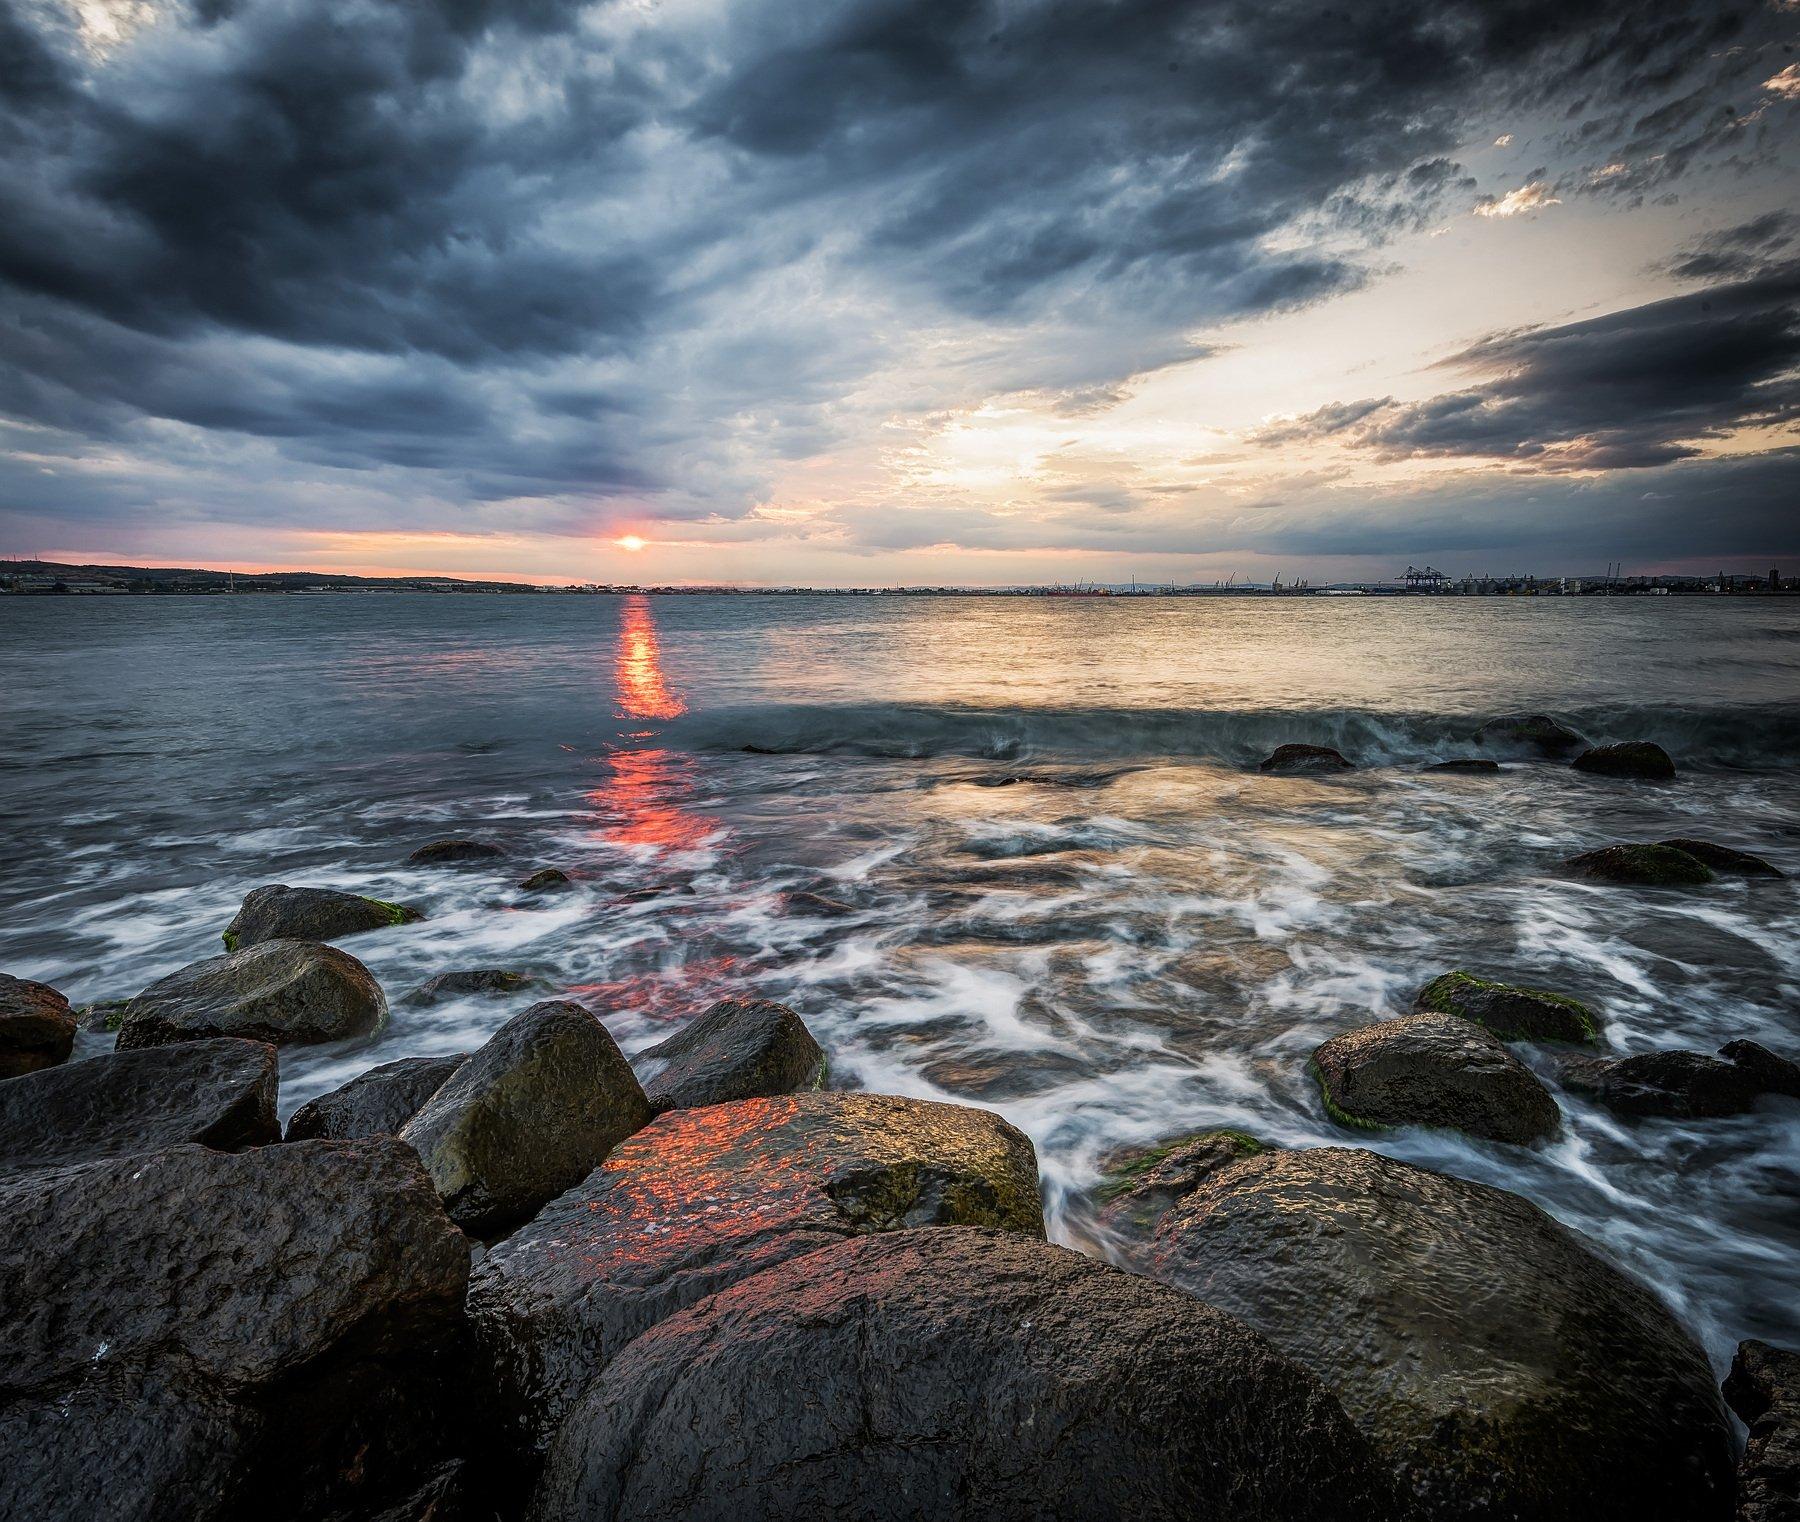 sunset, clouds, sun, sea seascape, rocks, Jeni Madjarova